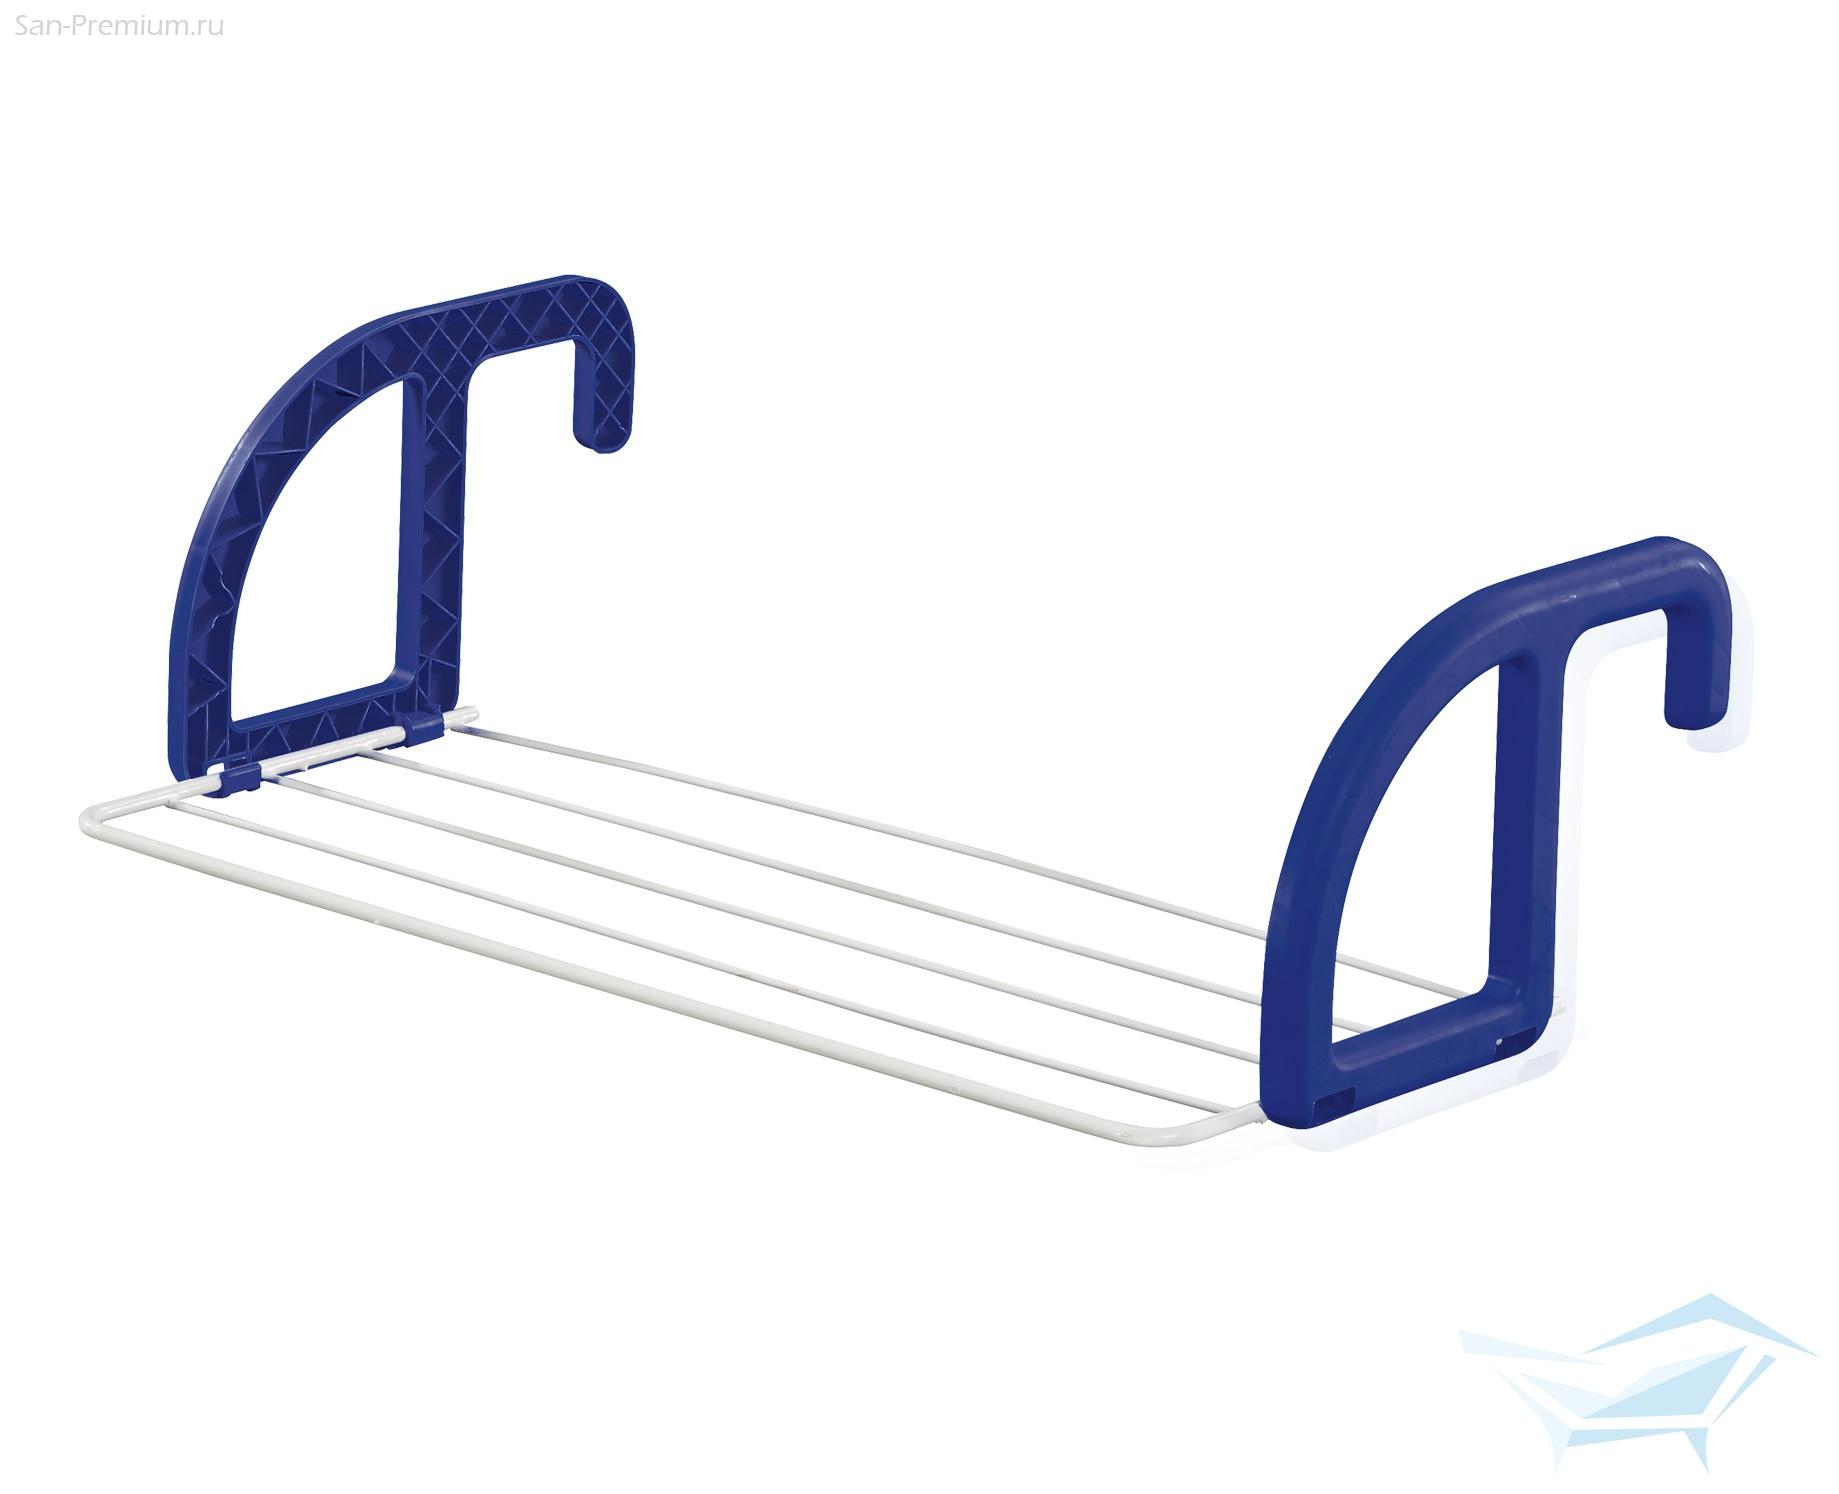 Сушилка для белья надверная, синяя leifheit 83046 - купить с.